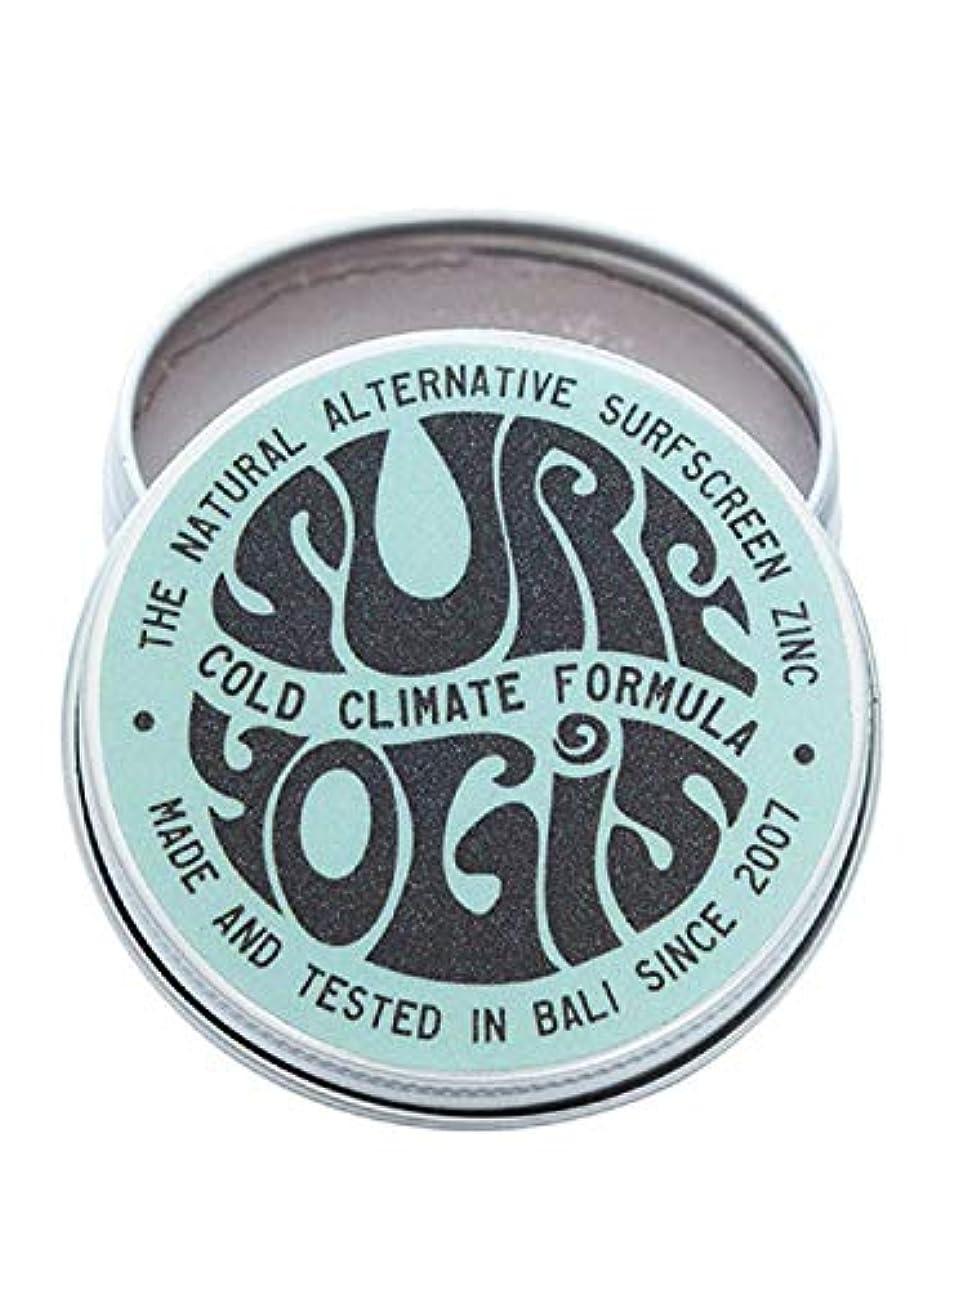 コーヒーワーディアンケース体細胞SURF YOGIS(サーフヨギ) ナチュラルサーフスクリーン COLD CLIMATE FORMULA フォーミュラ 冬用 柔らかめ 日焼け止め オーガニック素材 60g SPF50 ノンケミカル